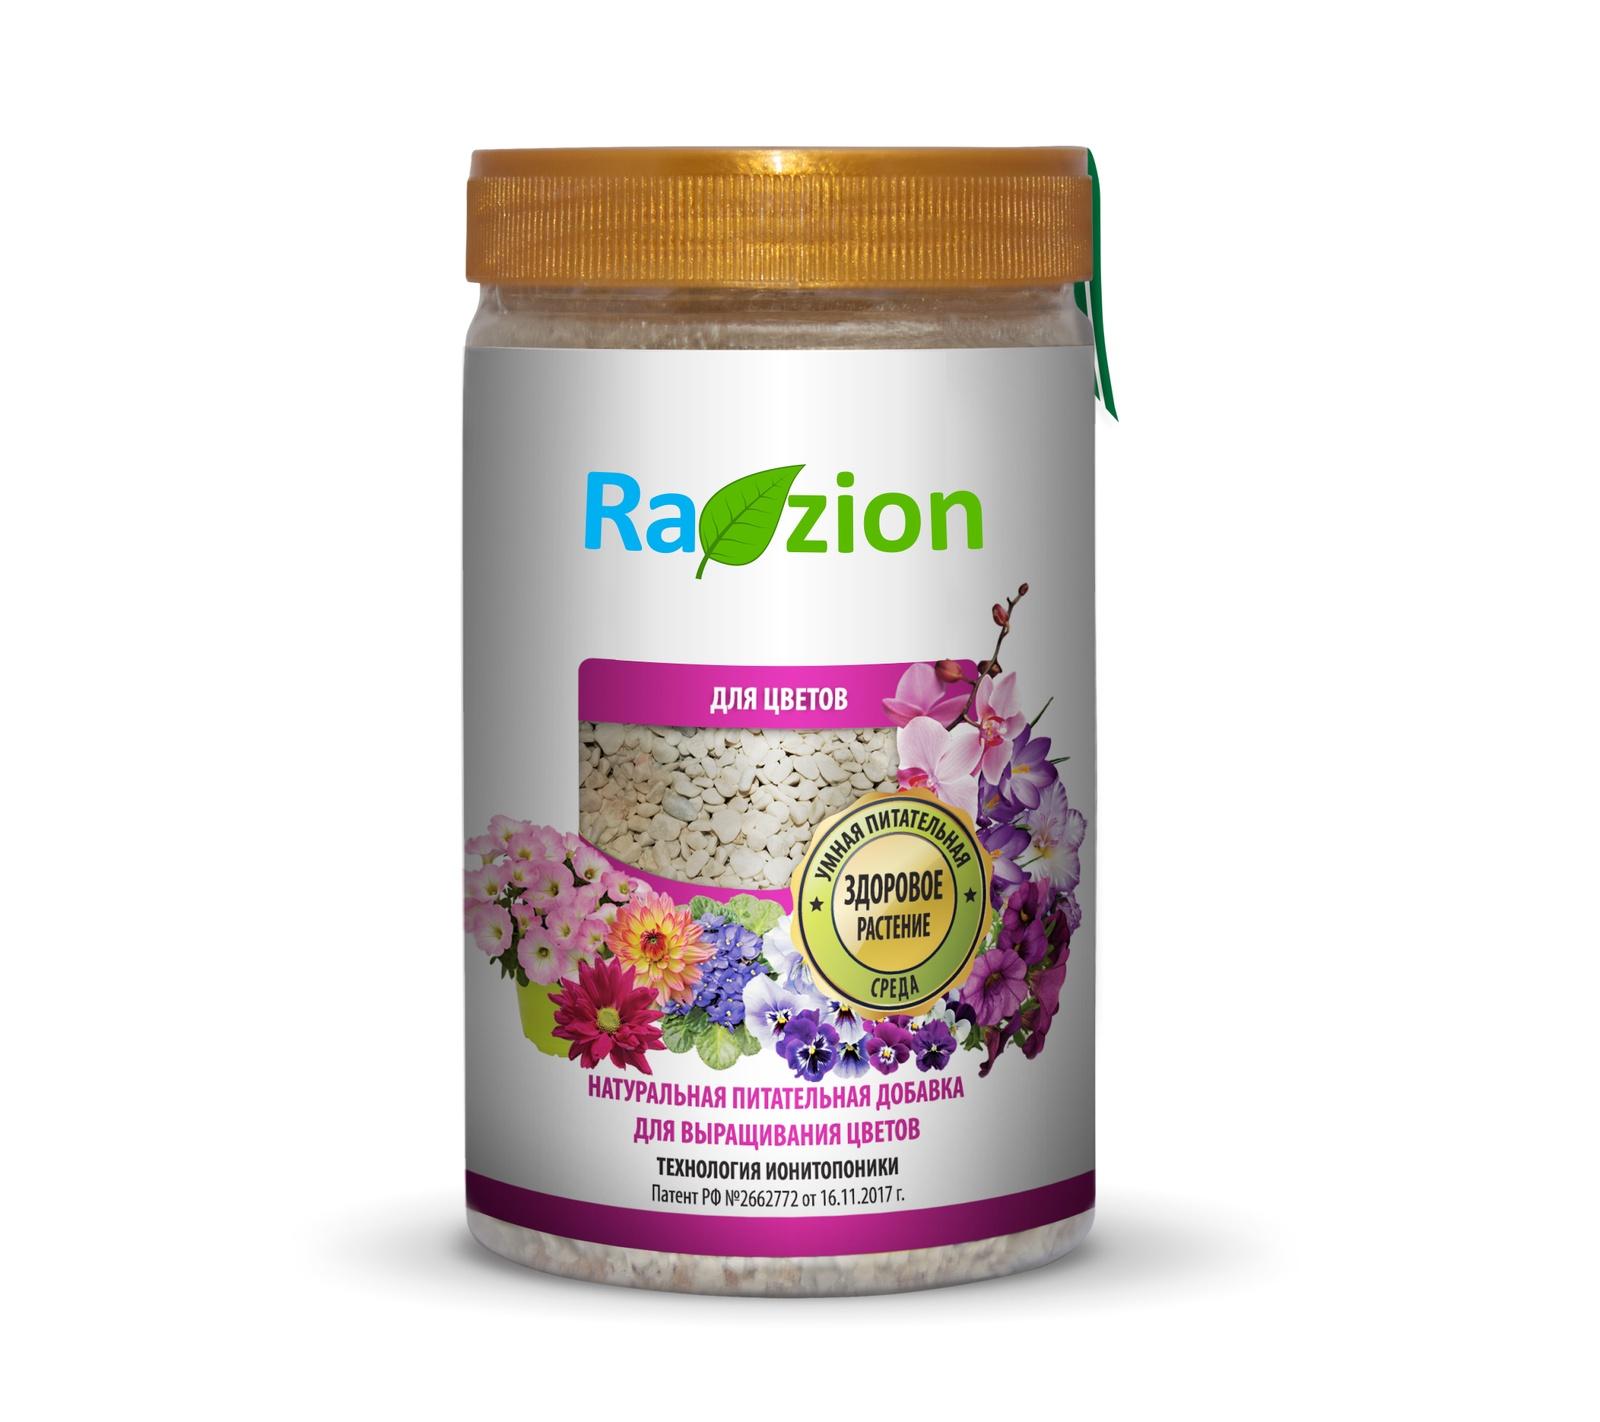 Удобрение RAZION для цветов, комнатных, домашних, для дачи. Улучшитель грунта